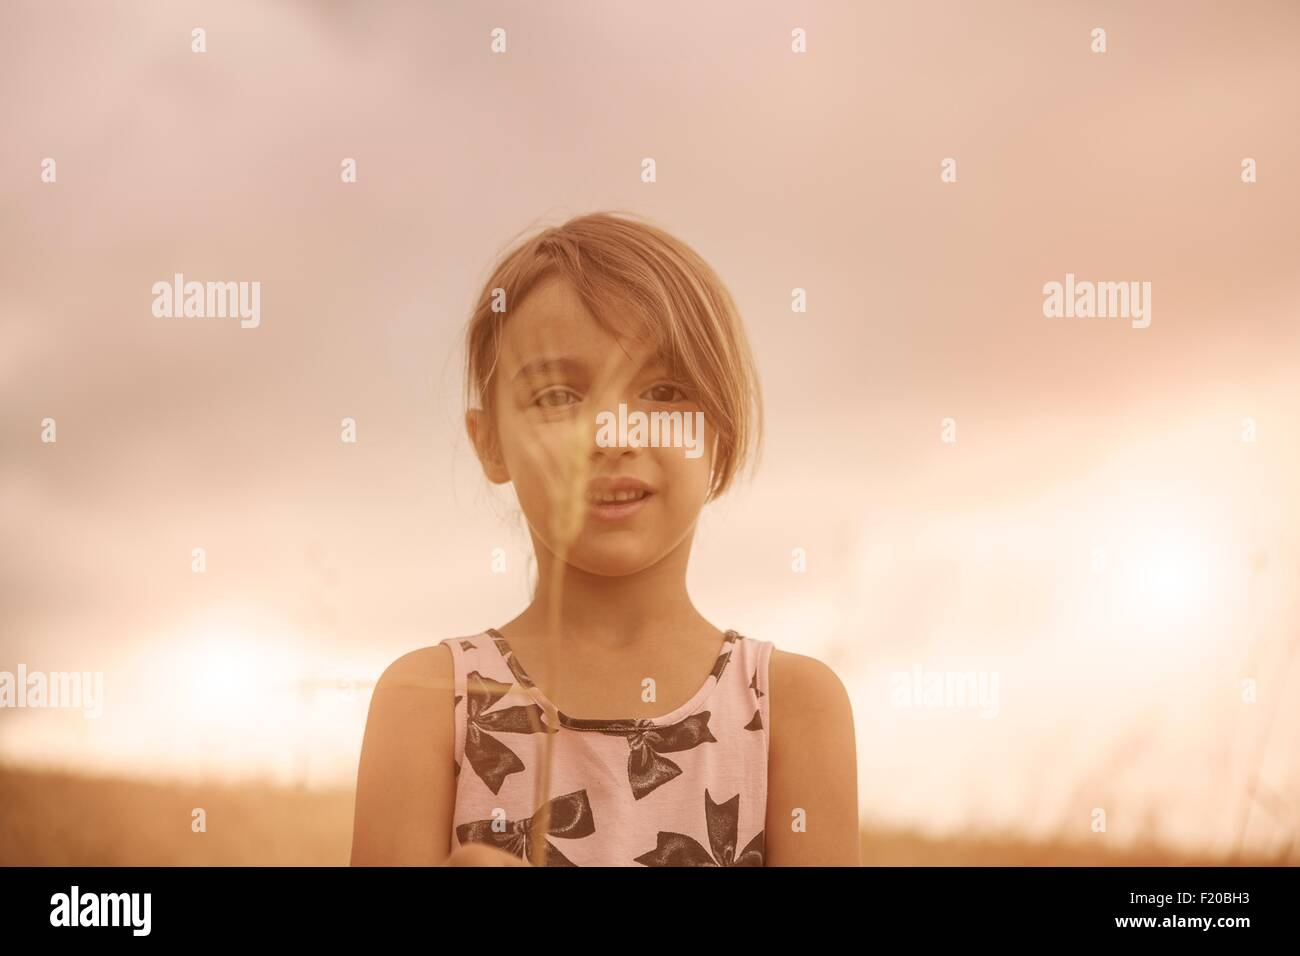 Portrait de fille avec épi de blé devant son visage en champ de blé Photo Stock